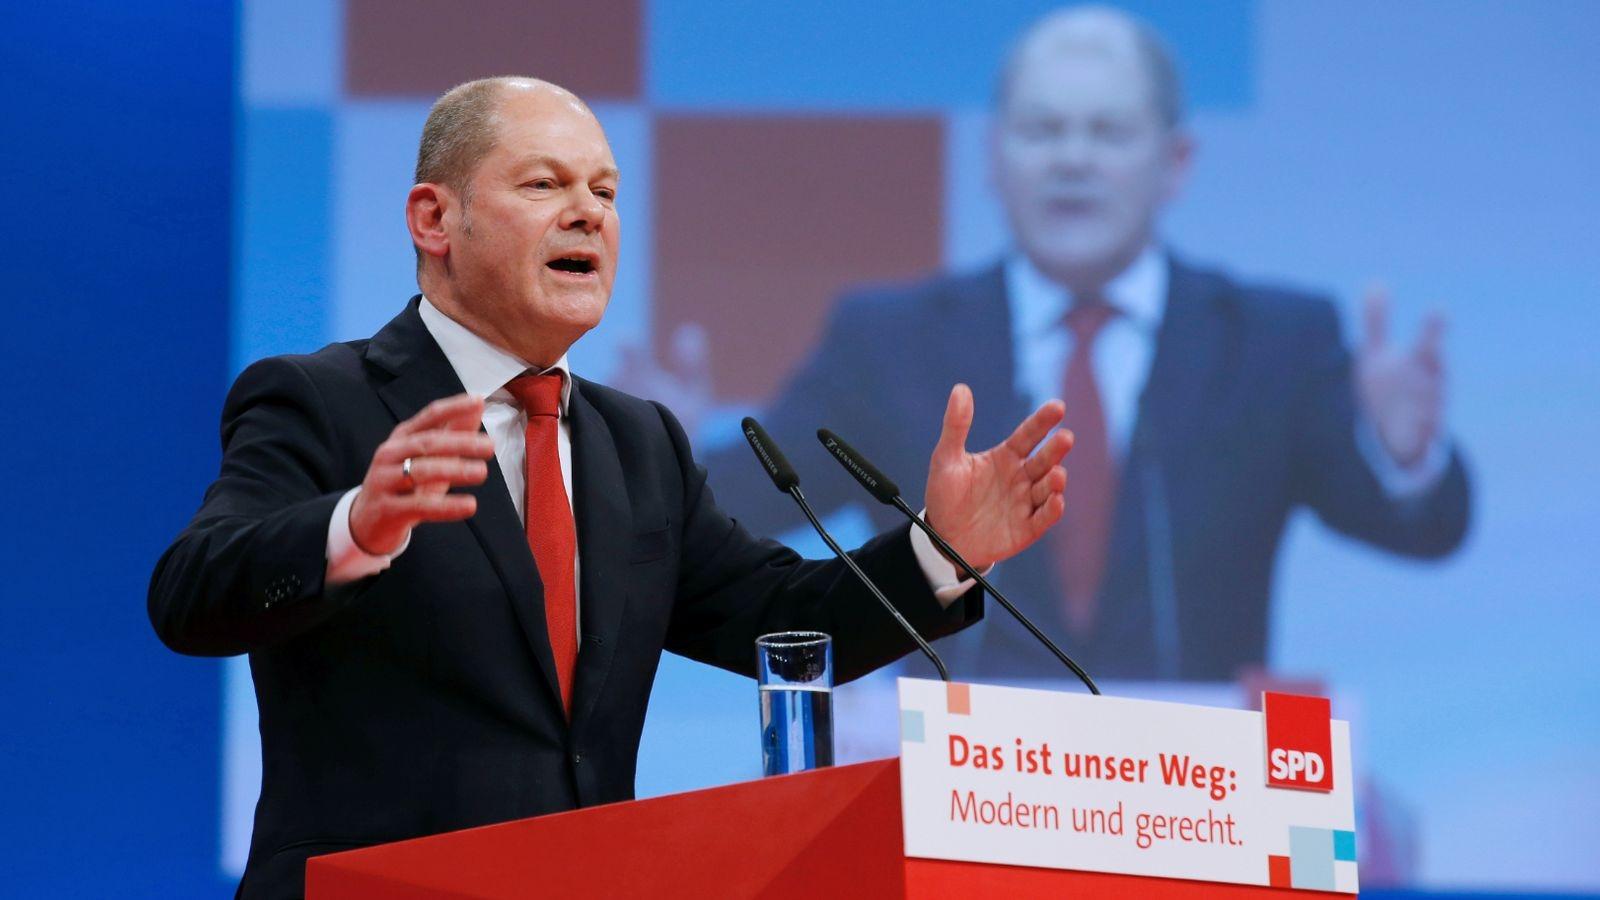 Đảng SPD và ông Olaf Scholz giữ vững cách biệt 1 tuần trước bầu cử Đức